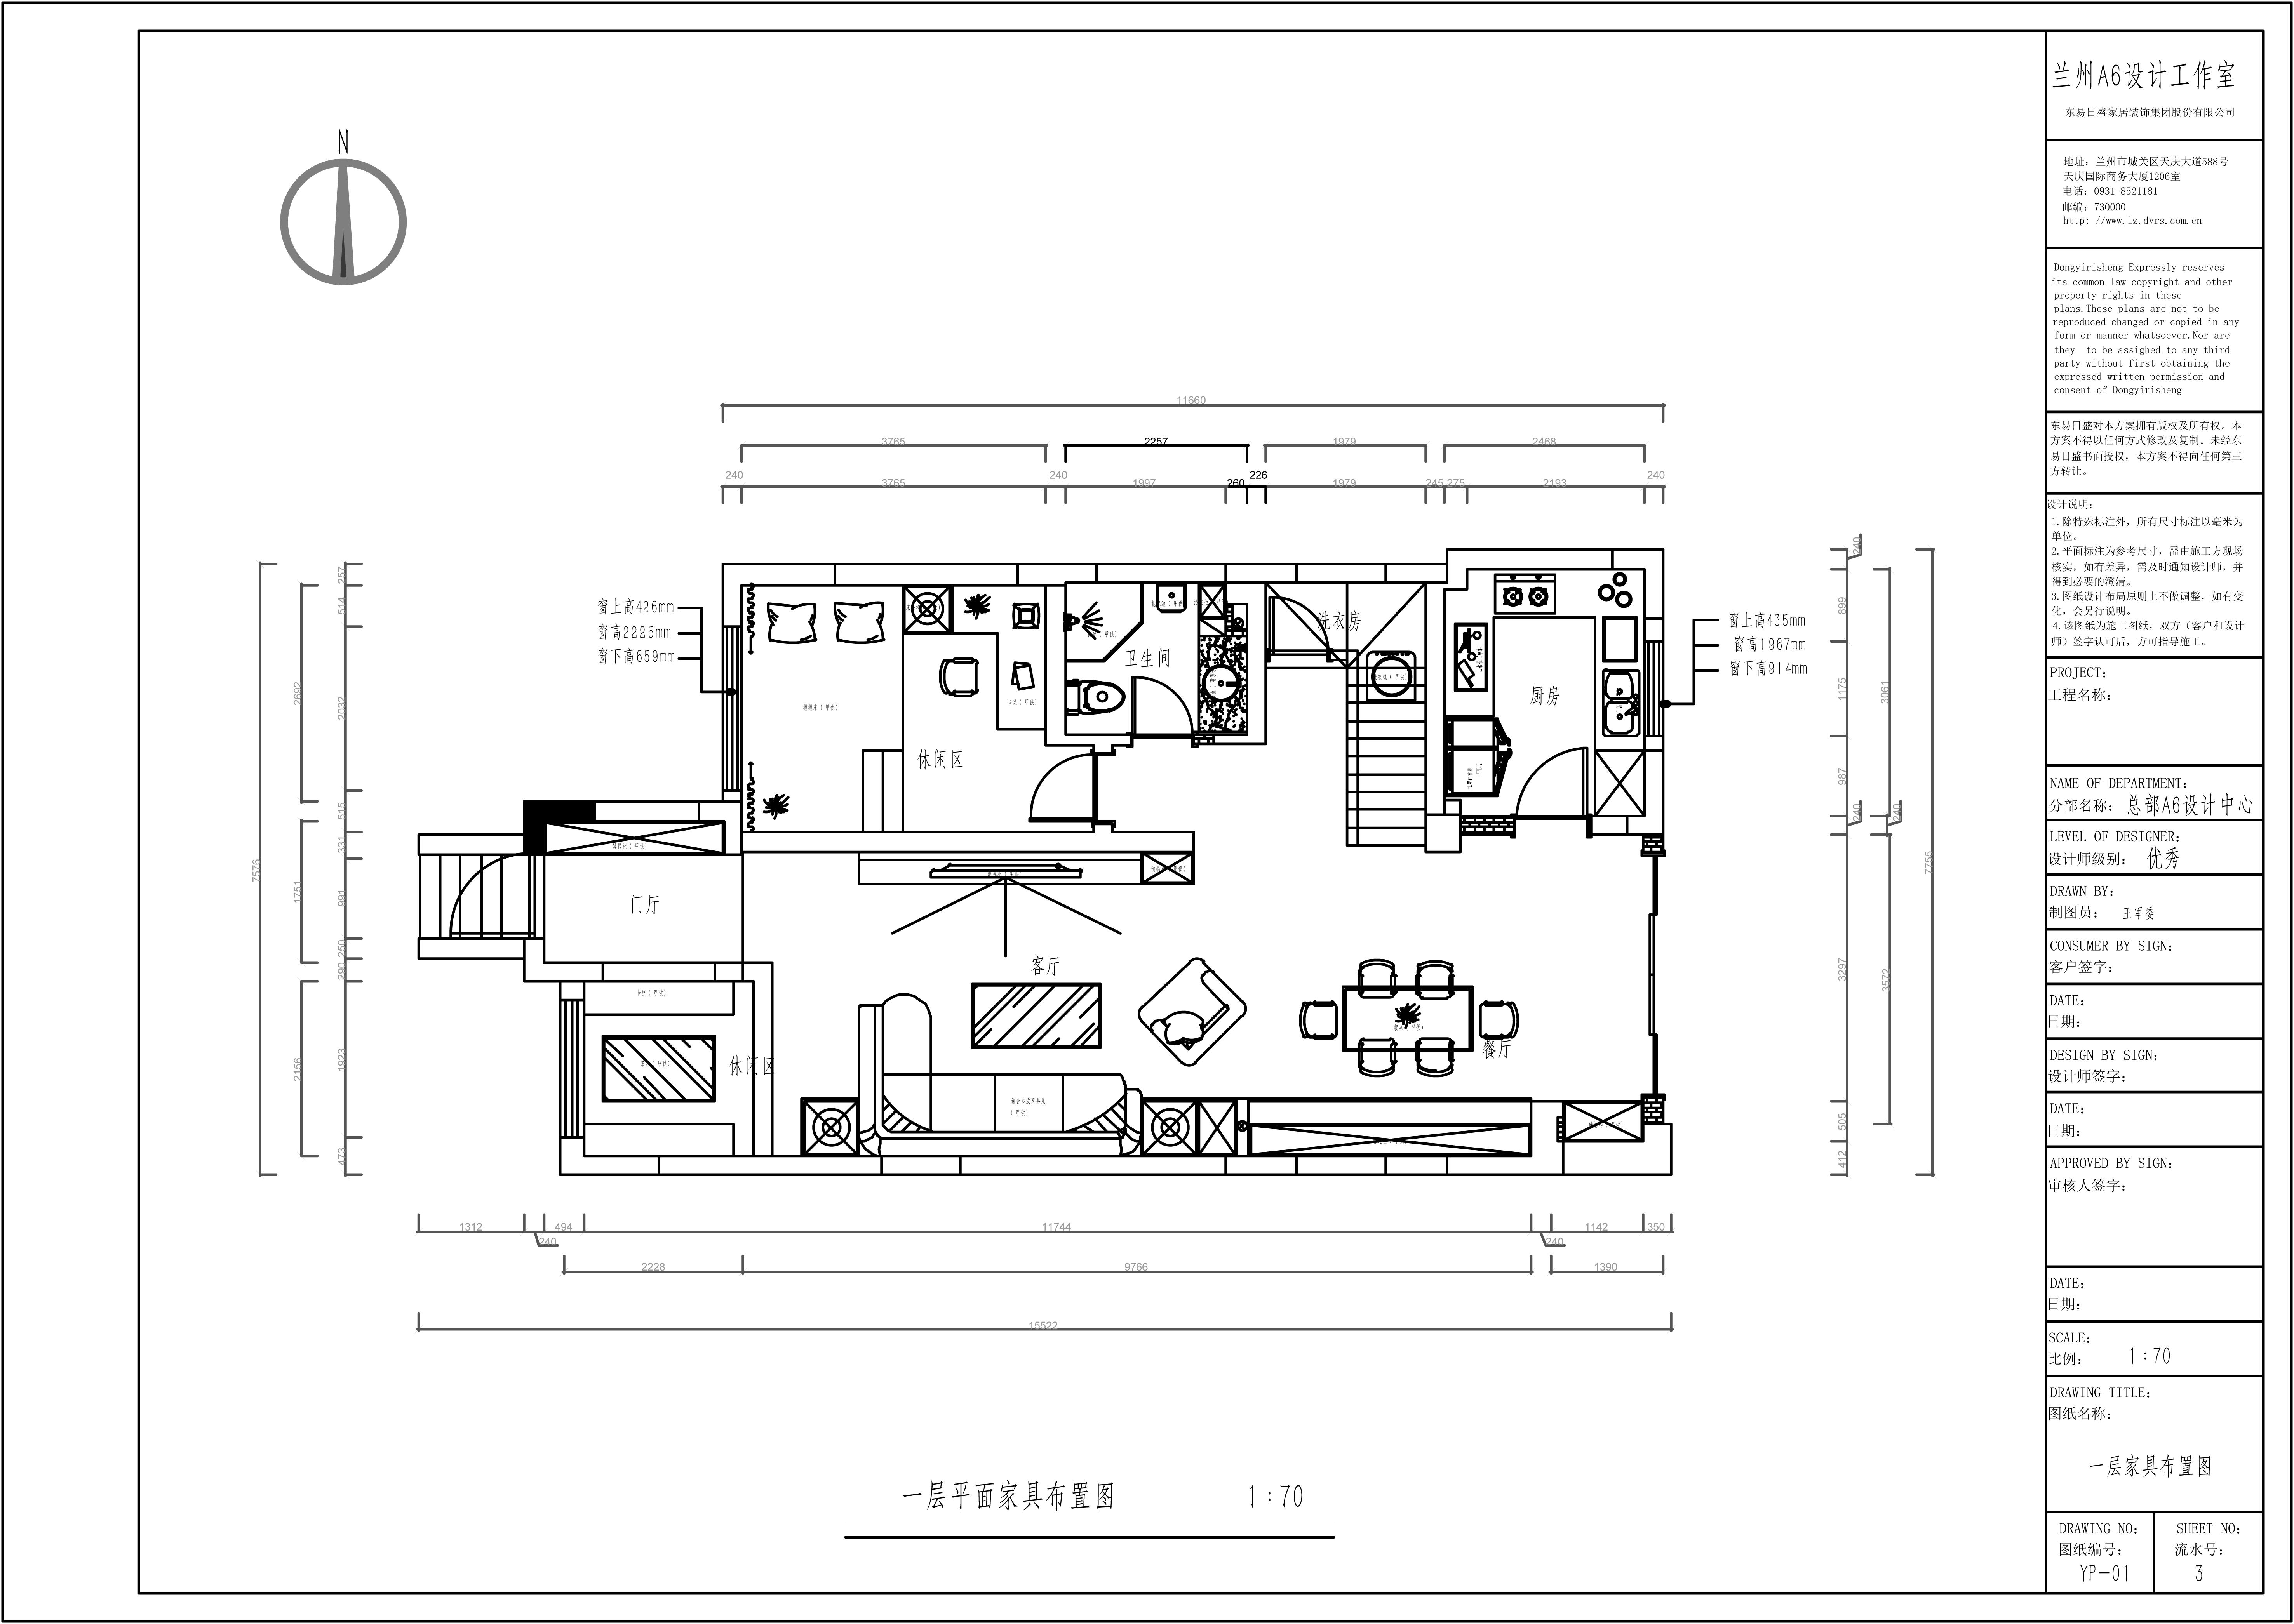 天水景润华府小区-245平米-现代简约风格装修效果图装修设计理念